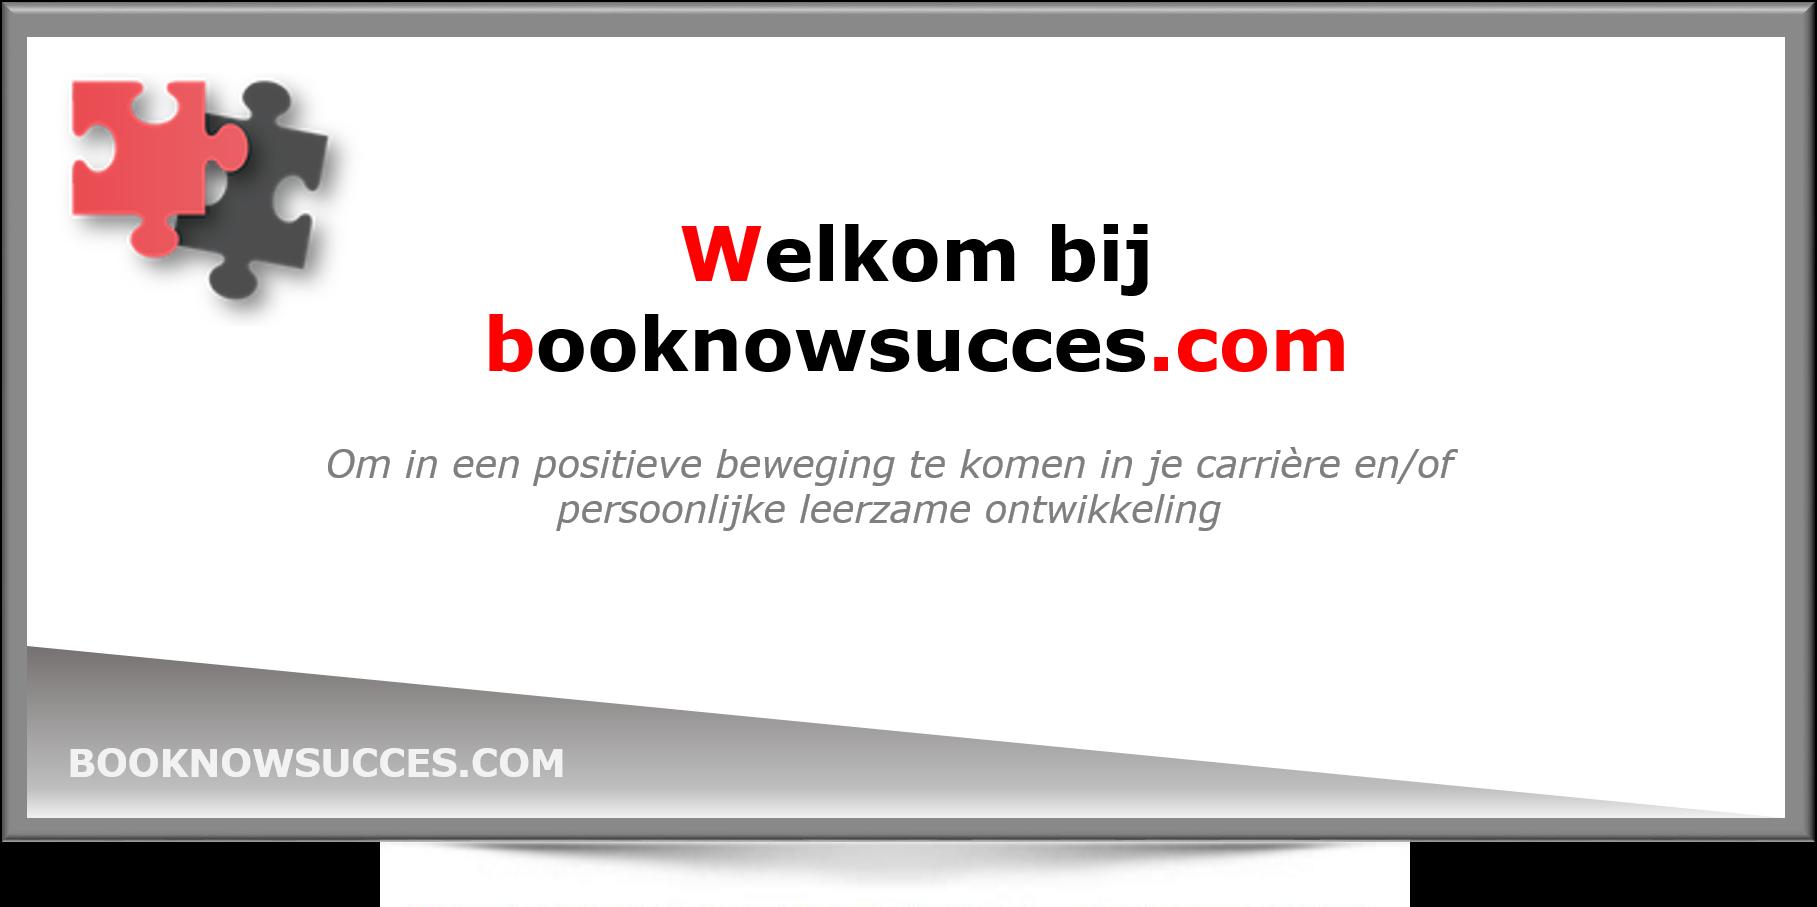 welkombericht booknow